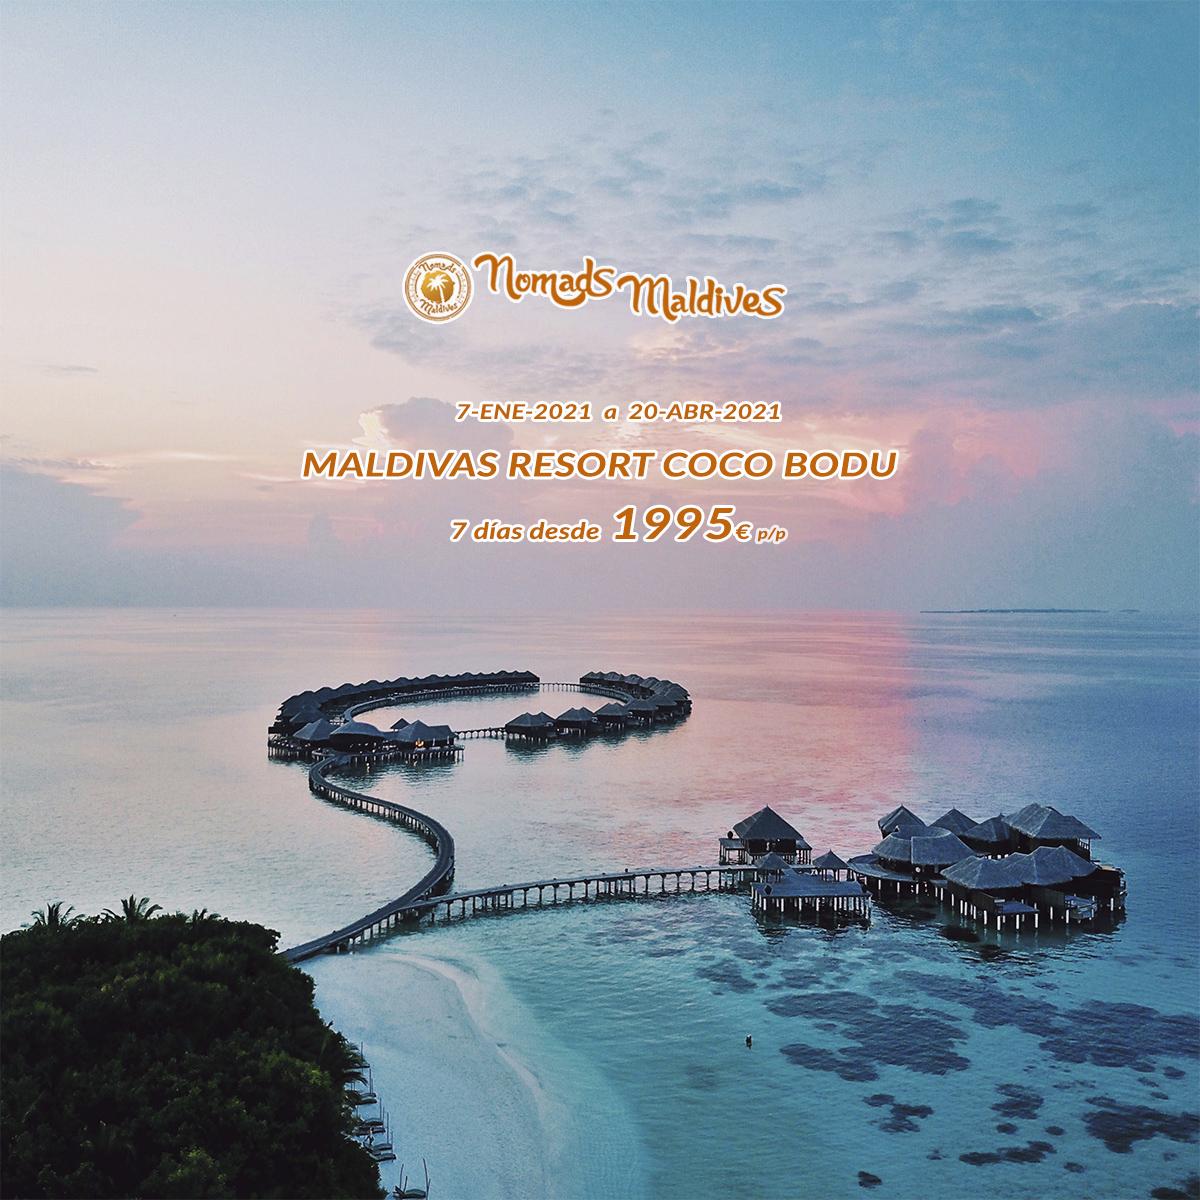 Oferta Maldivas Invierno | Resort Coco Bodu